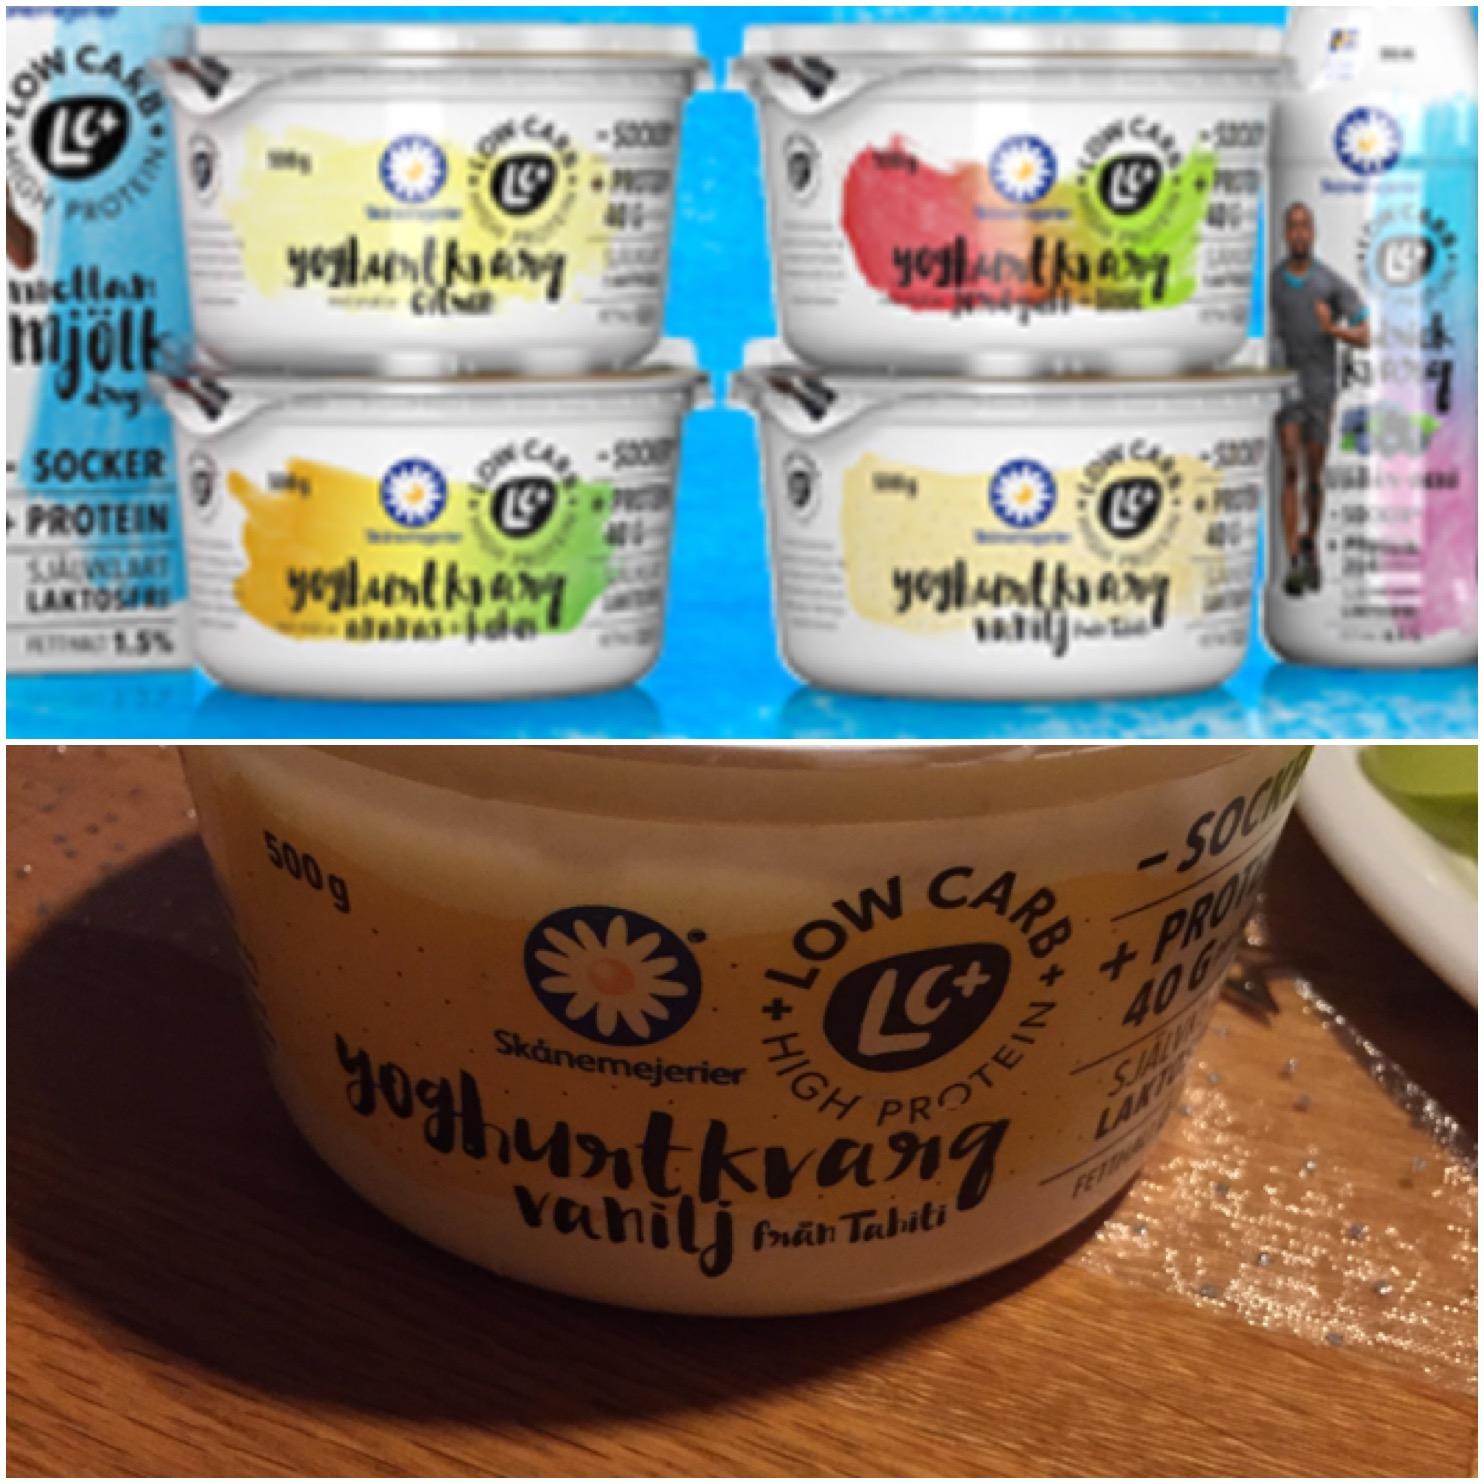 yoghurt kvarg skånemejerier